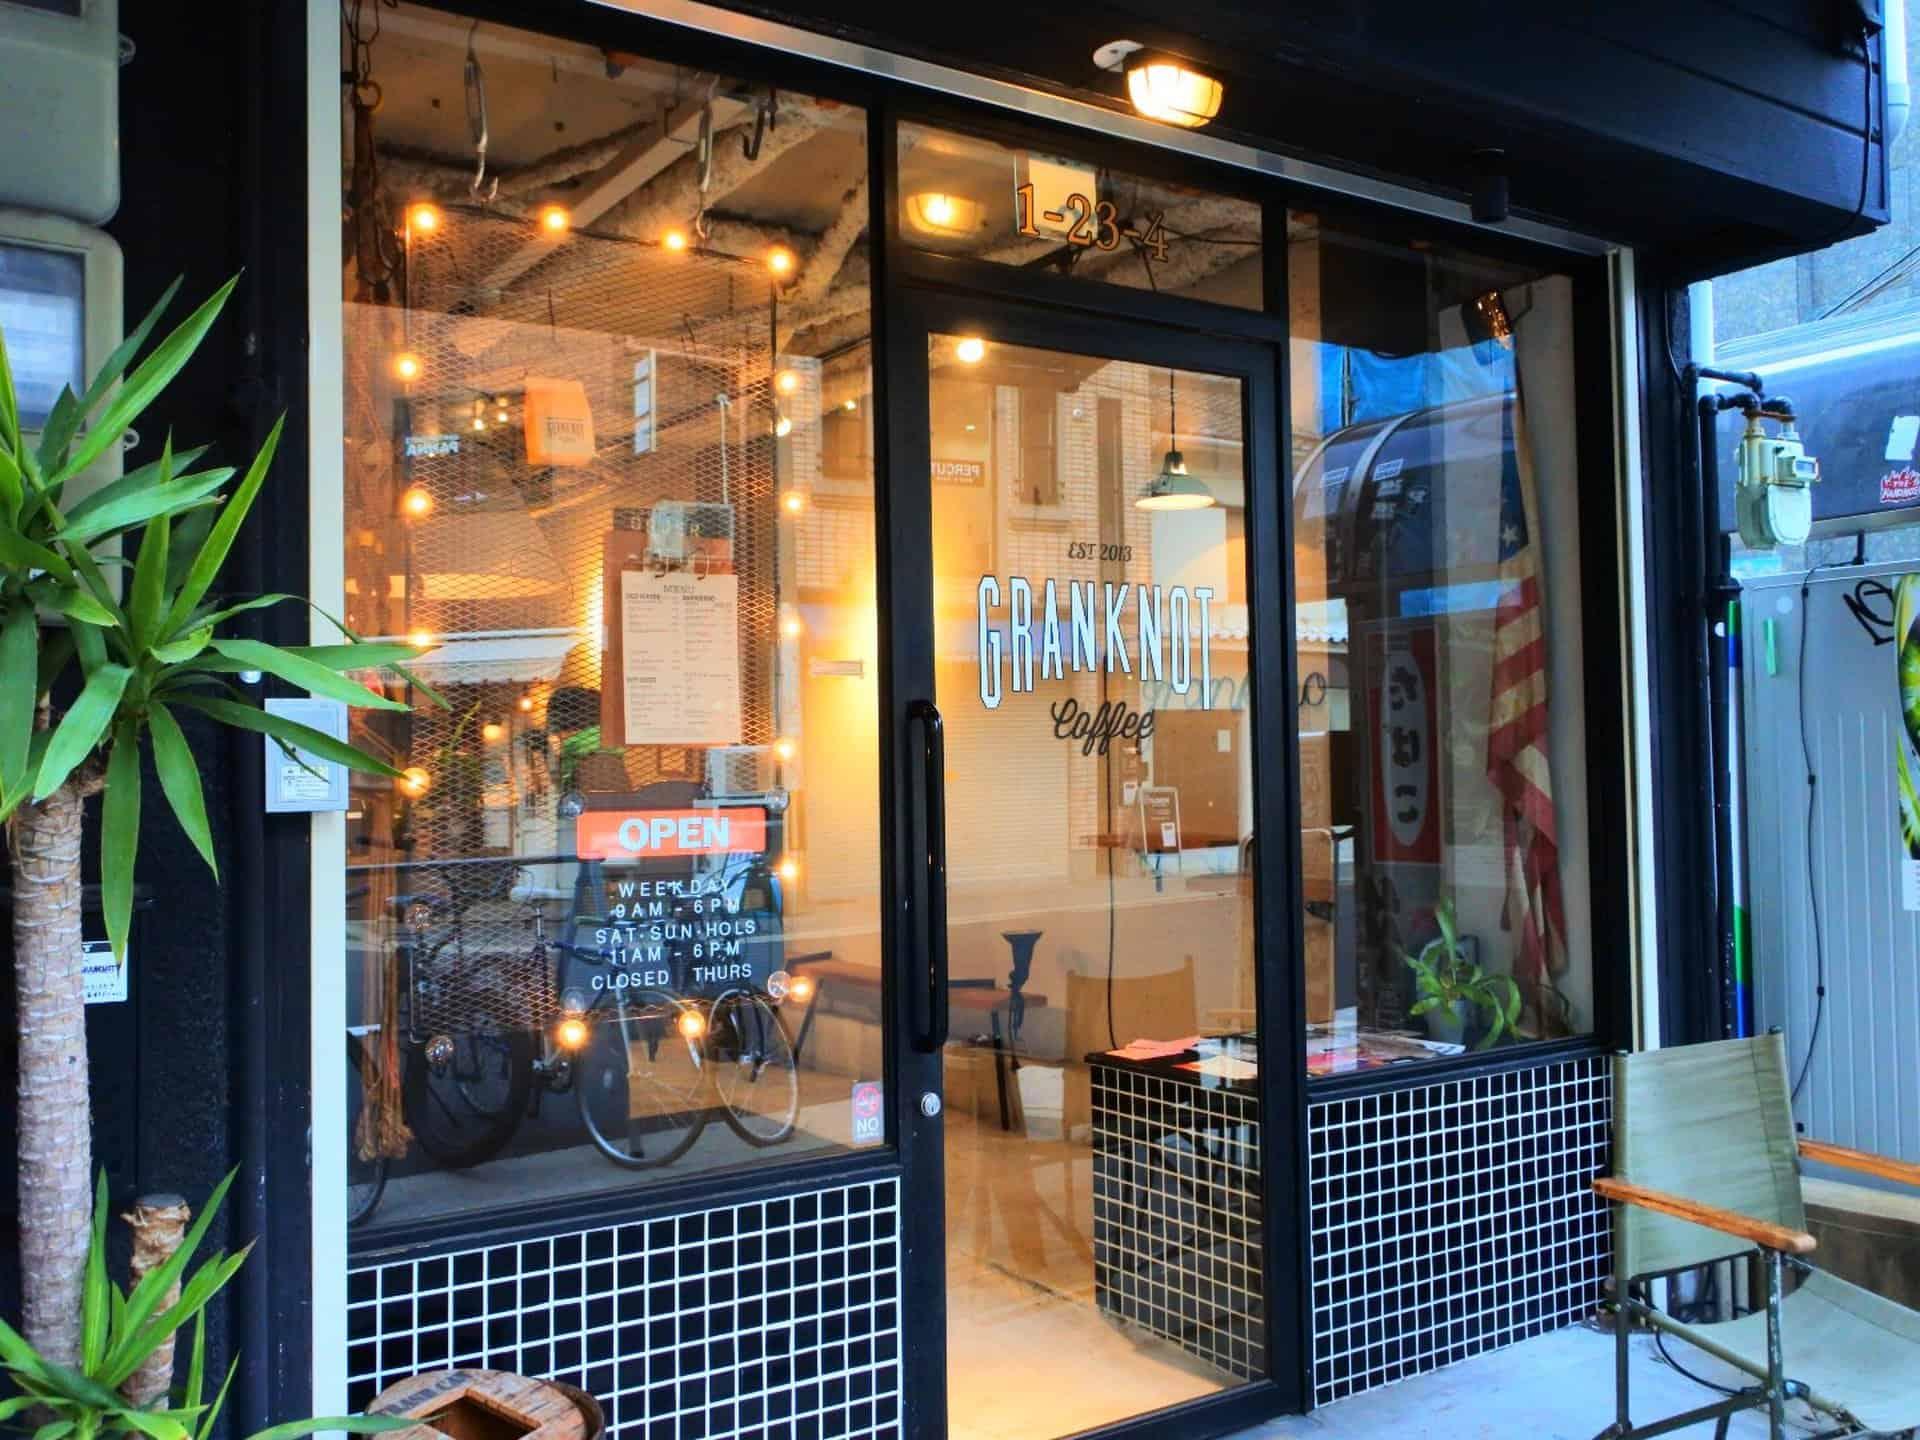 ร้านกาแฟ คาเฟ่ ใน โอซาก้า - GRANKOT coffee